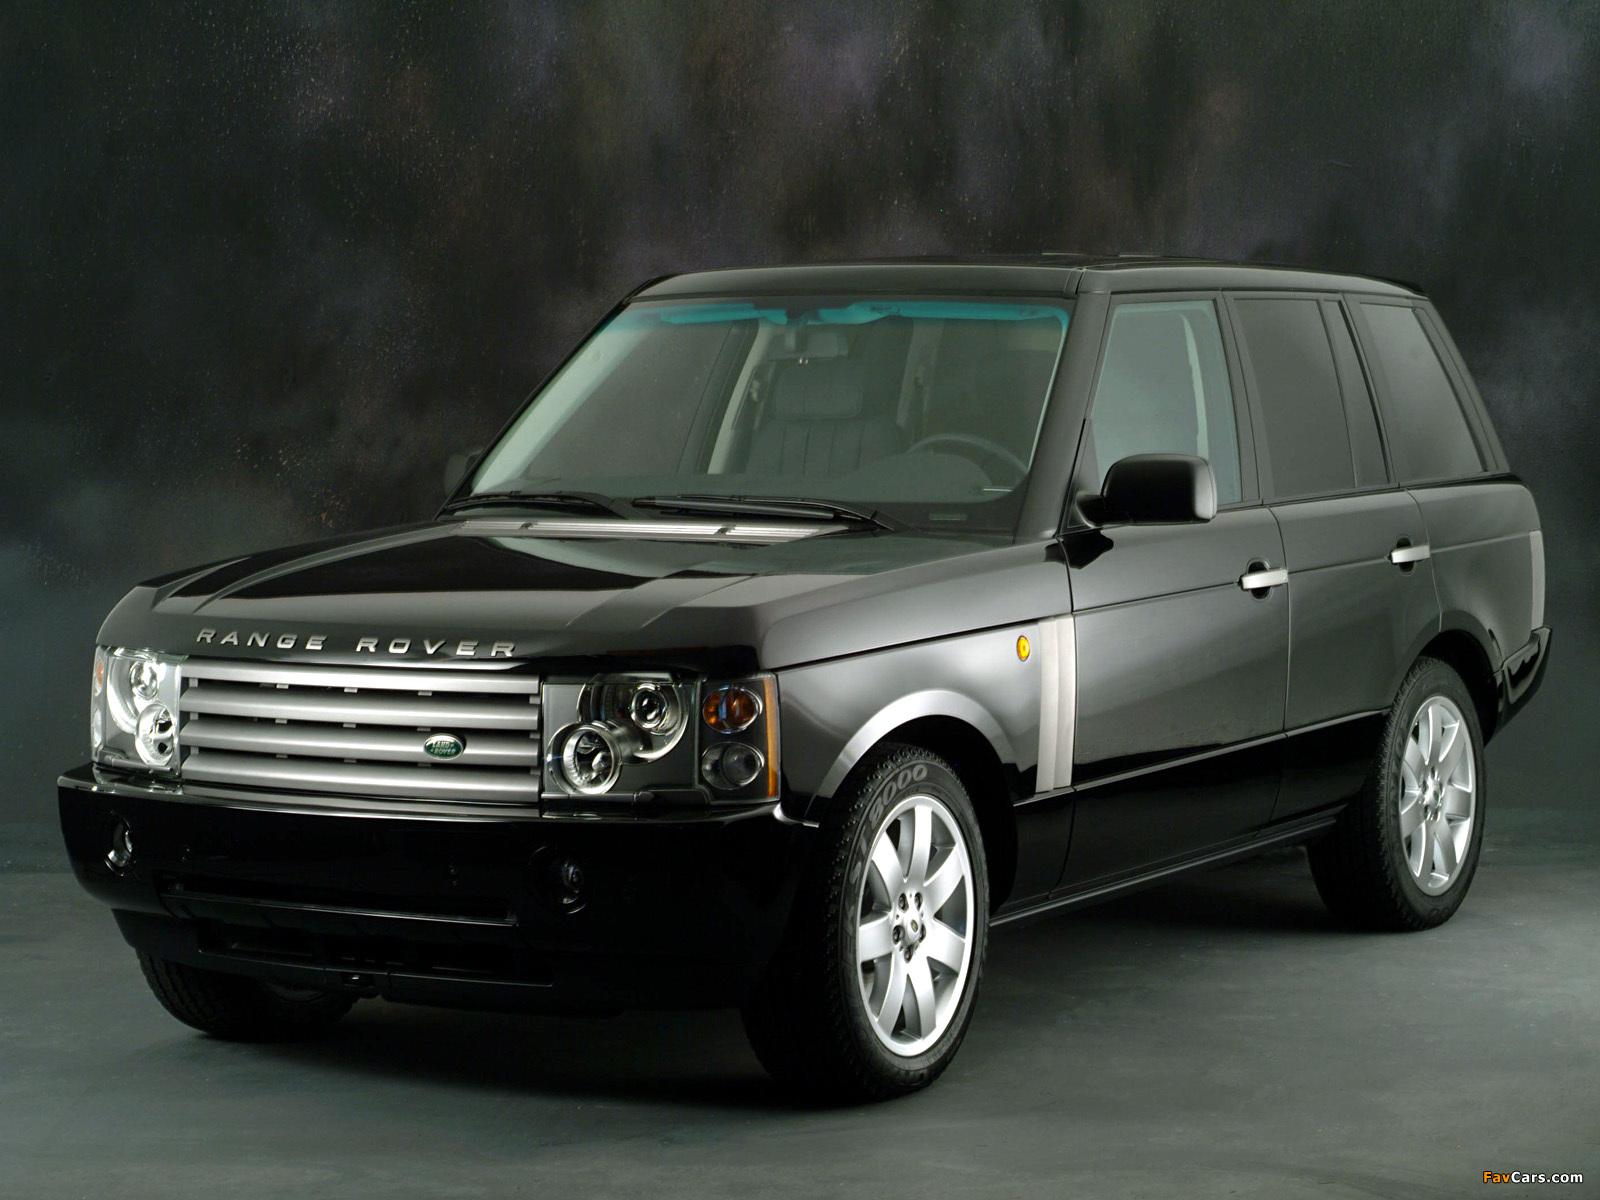 https://img.favcars.com/land-rover/range-rover/wallpapers_land_rover_range_rover_2003_1.jpg